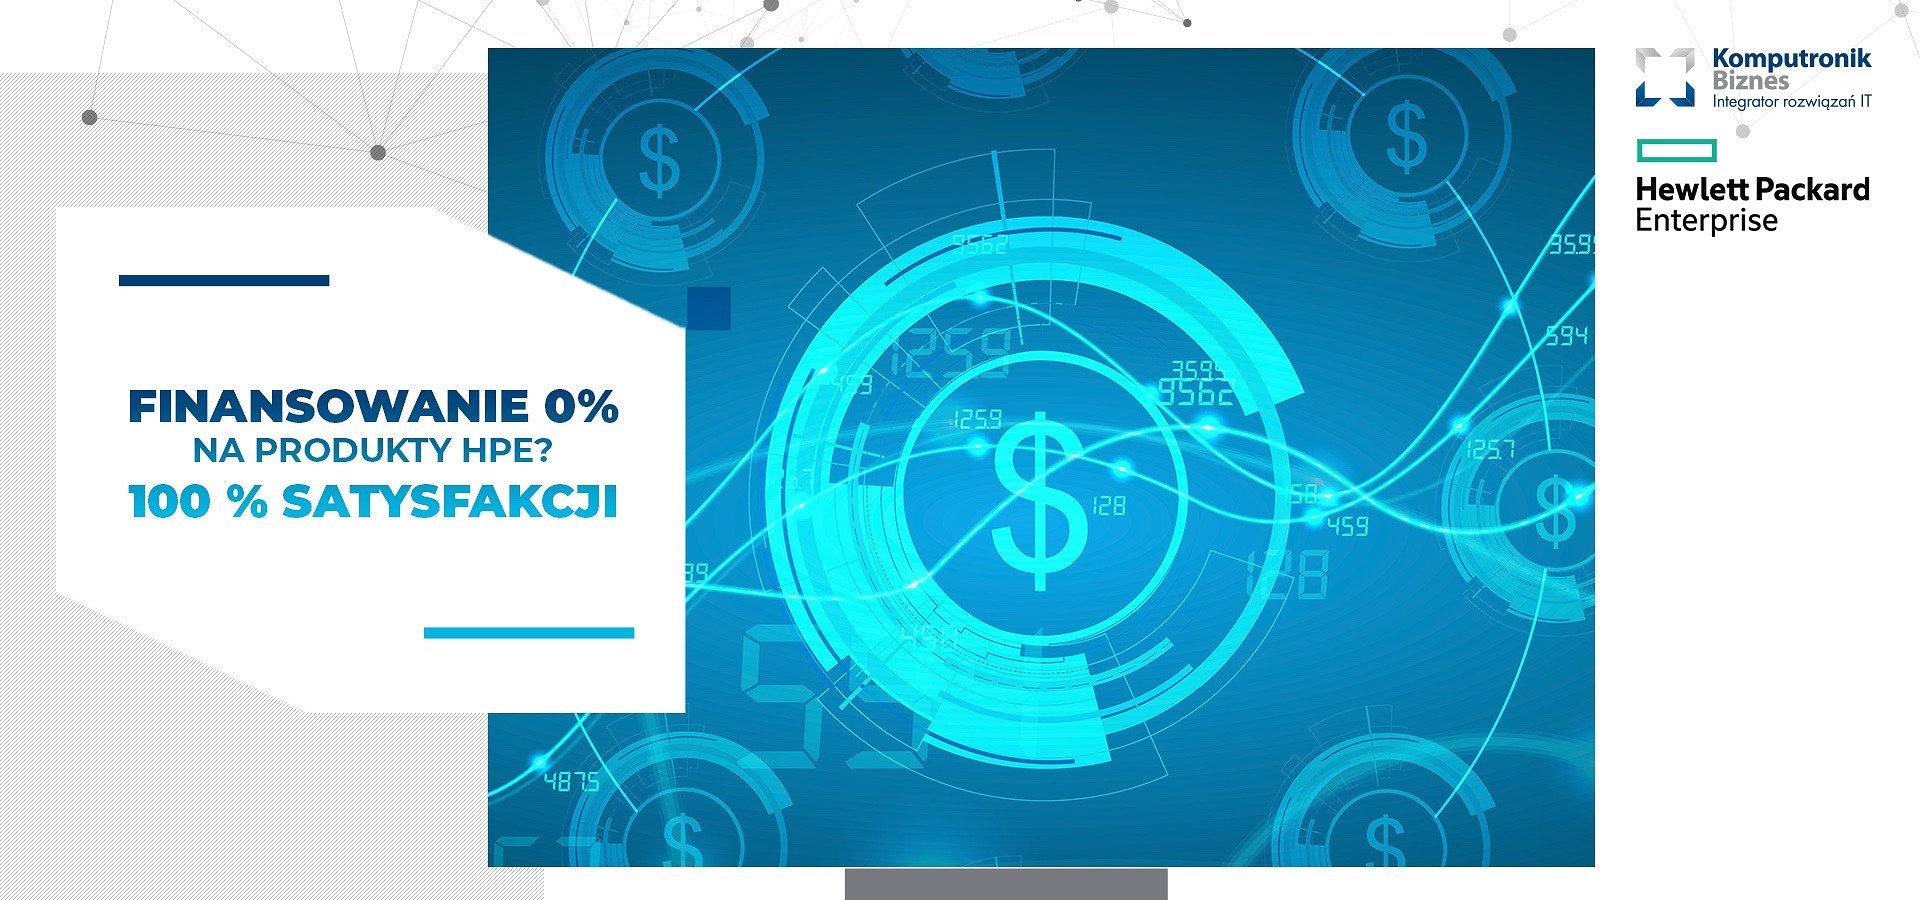 Niezawodne rozwiązania Hewlet Packard Enterprise z finansowaniem 0%!